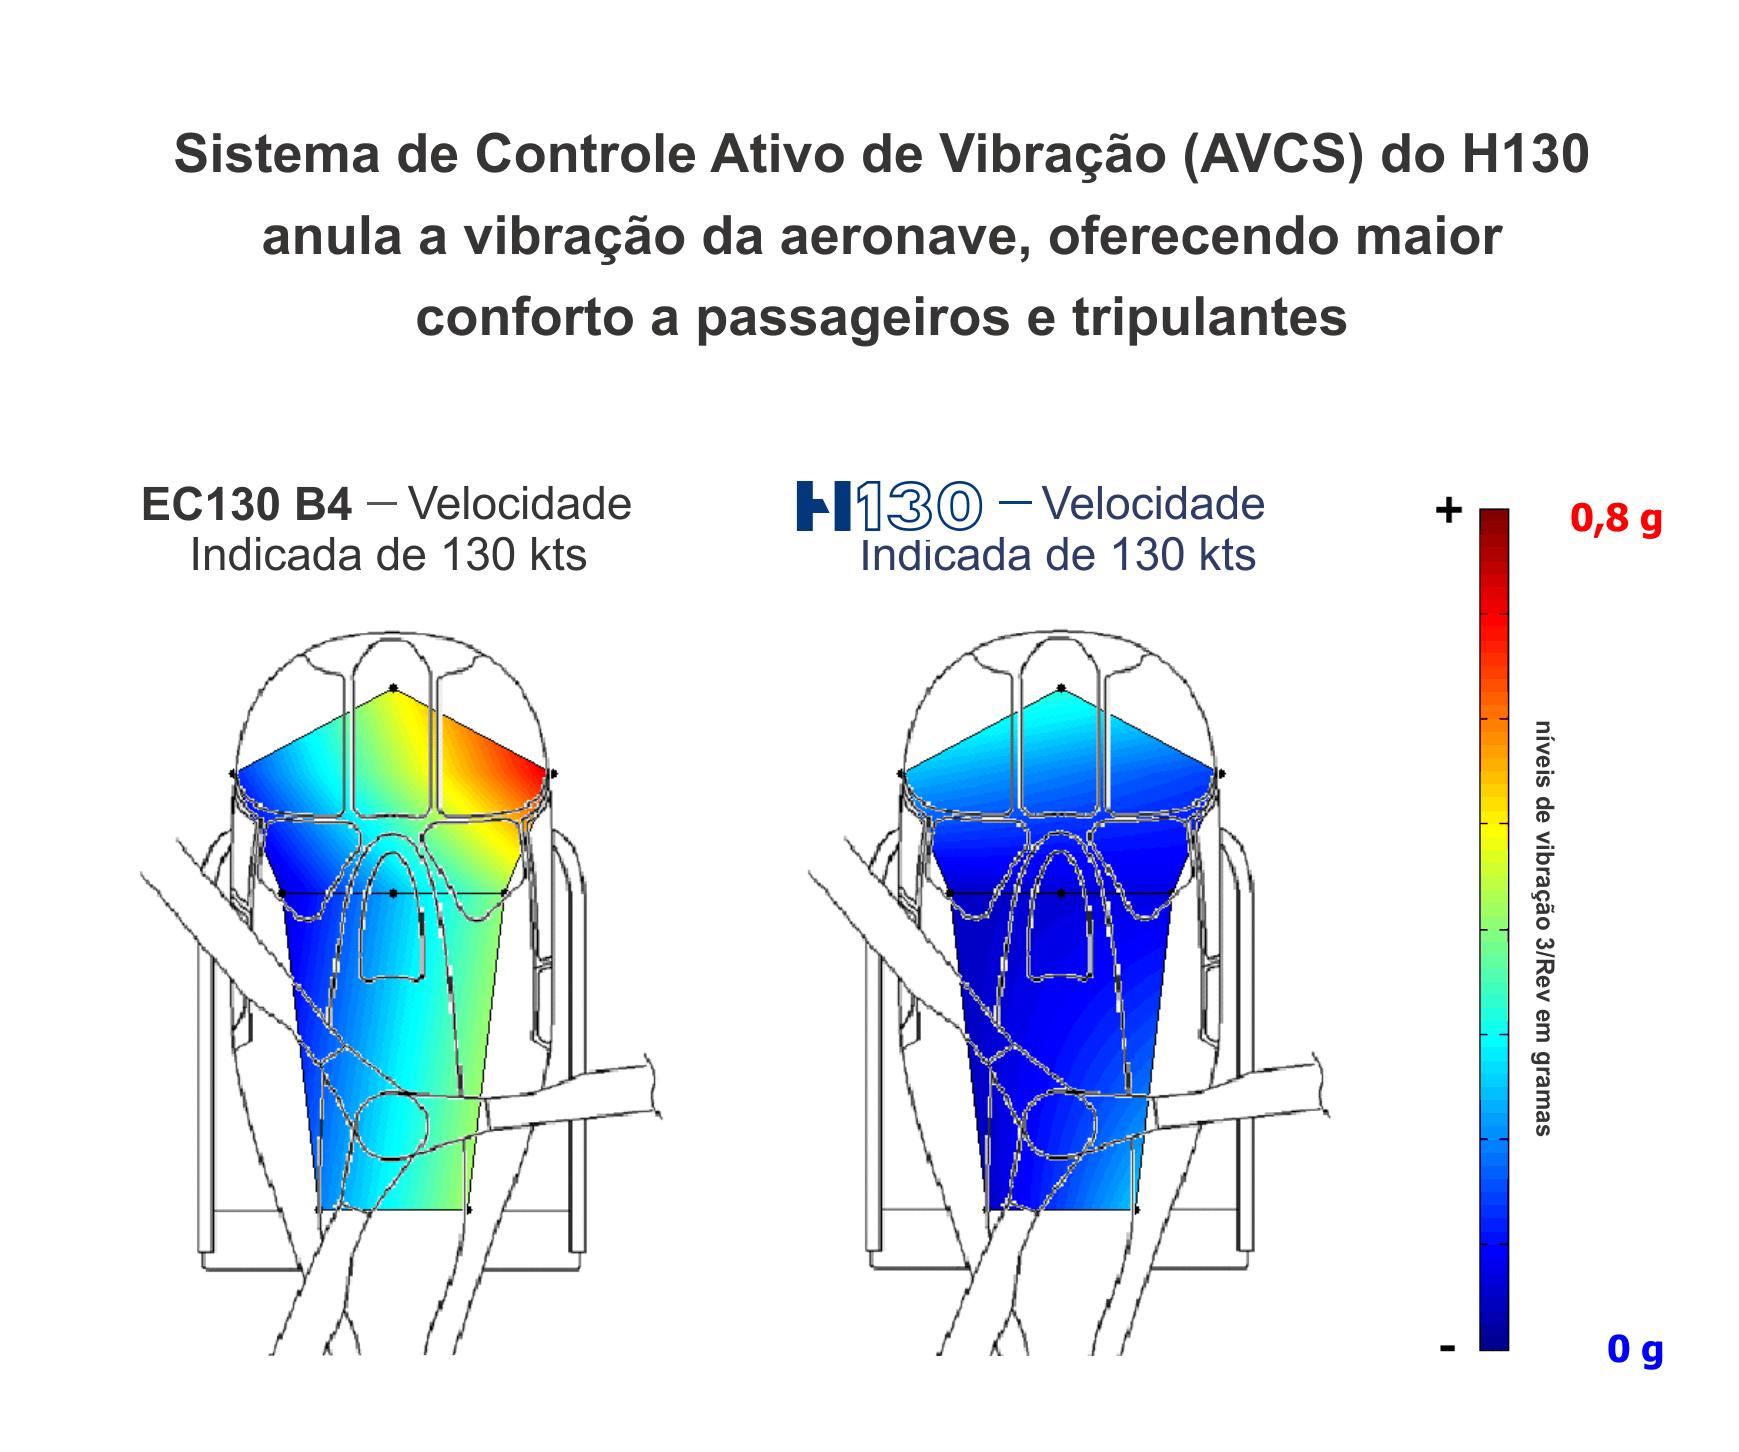 Imagem 3 H-130-AVCS